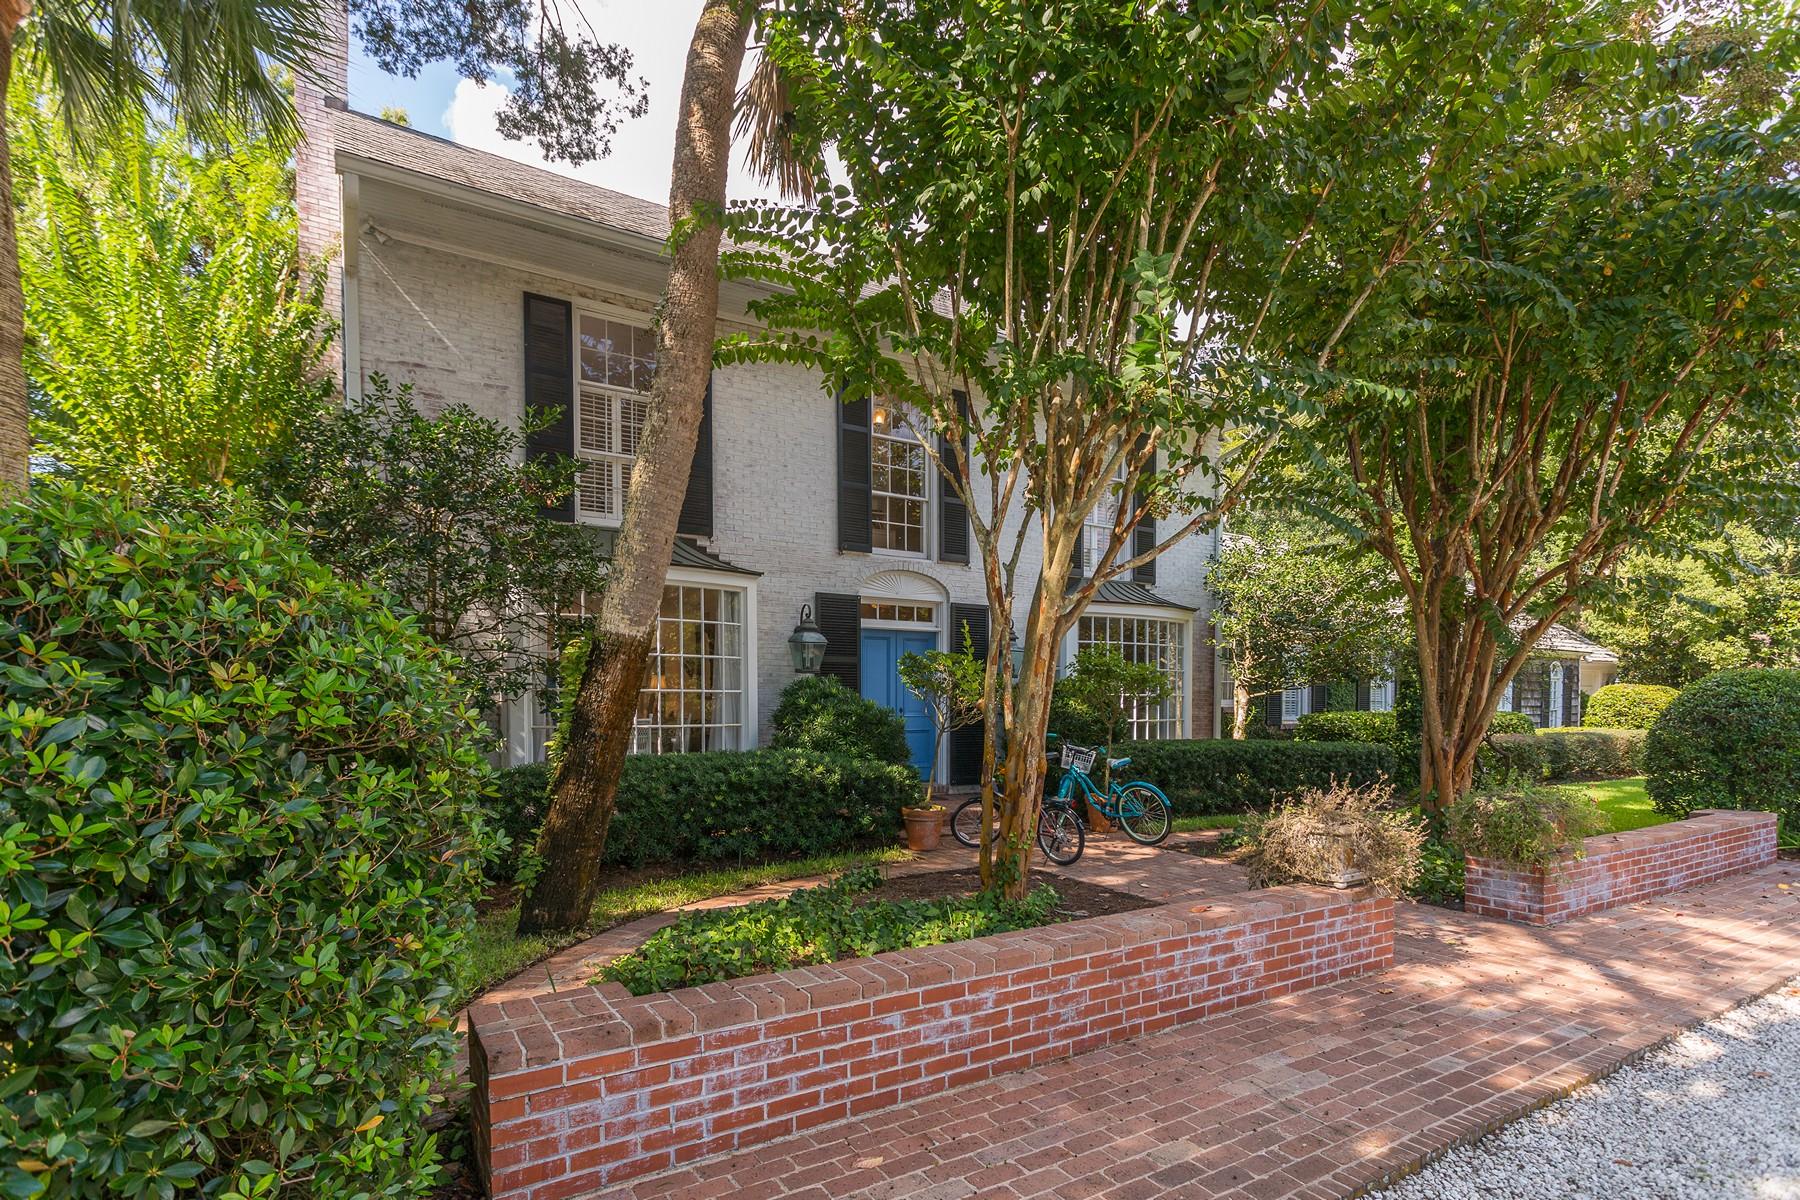 Частный односемейный дом для того Продажа на 205 W Sixth Street 205 W Sixth Street Cottage 150 Sea Island, Джорджия 31561 Соединенные Штаты